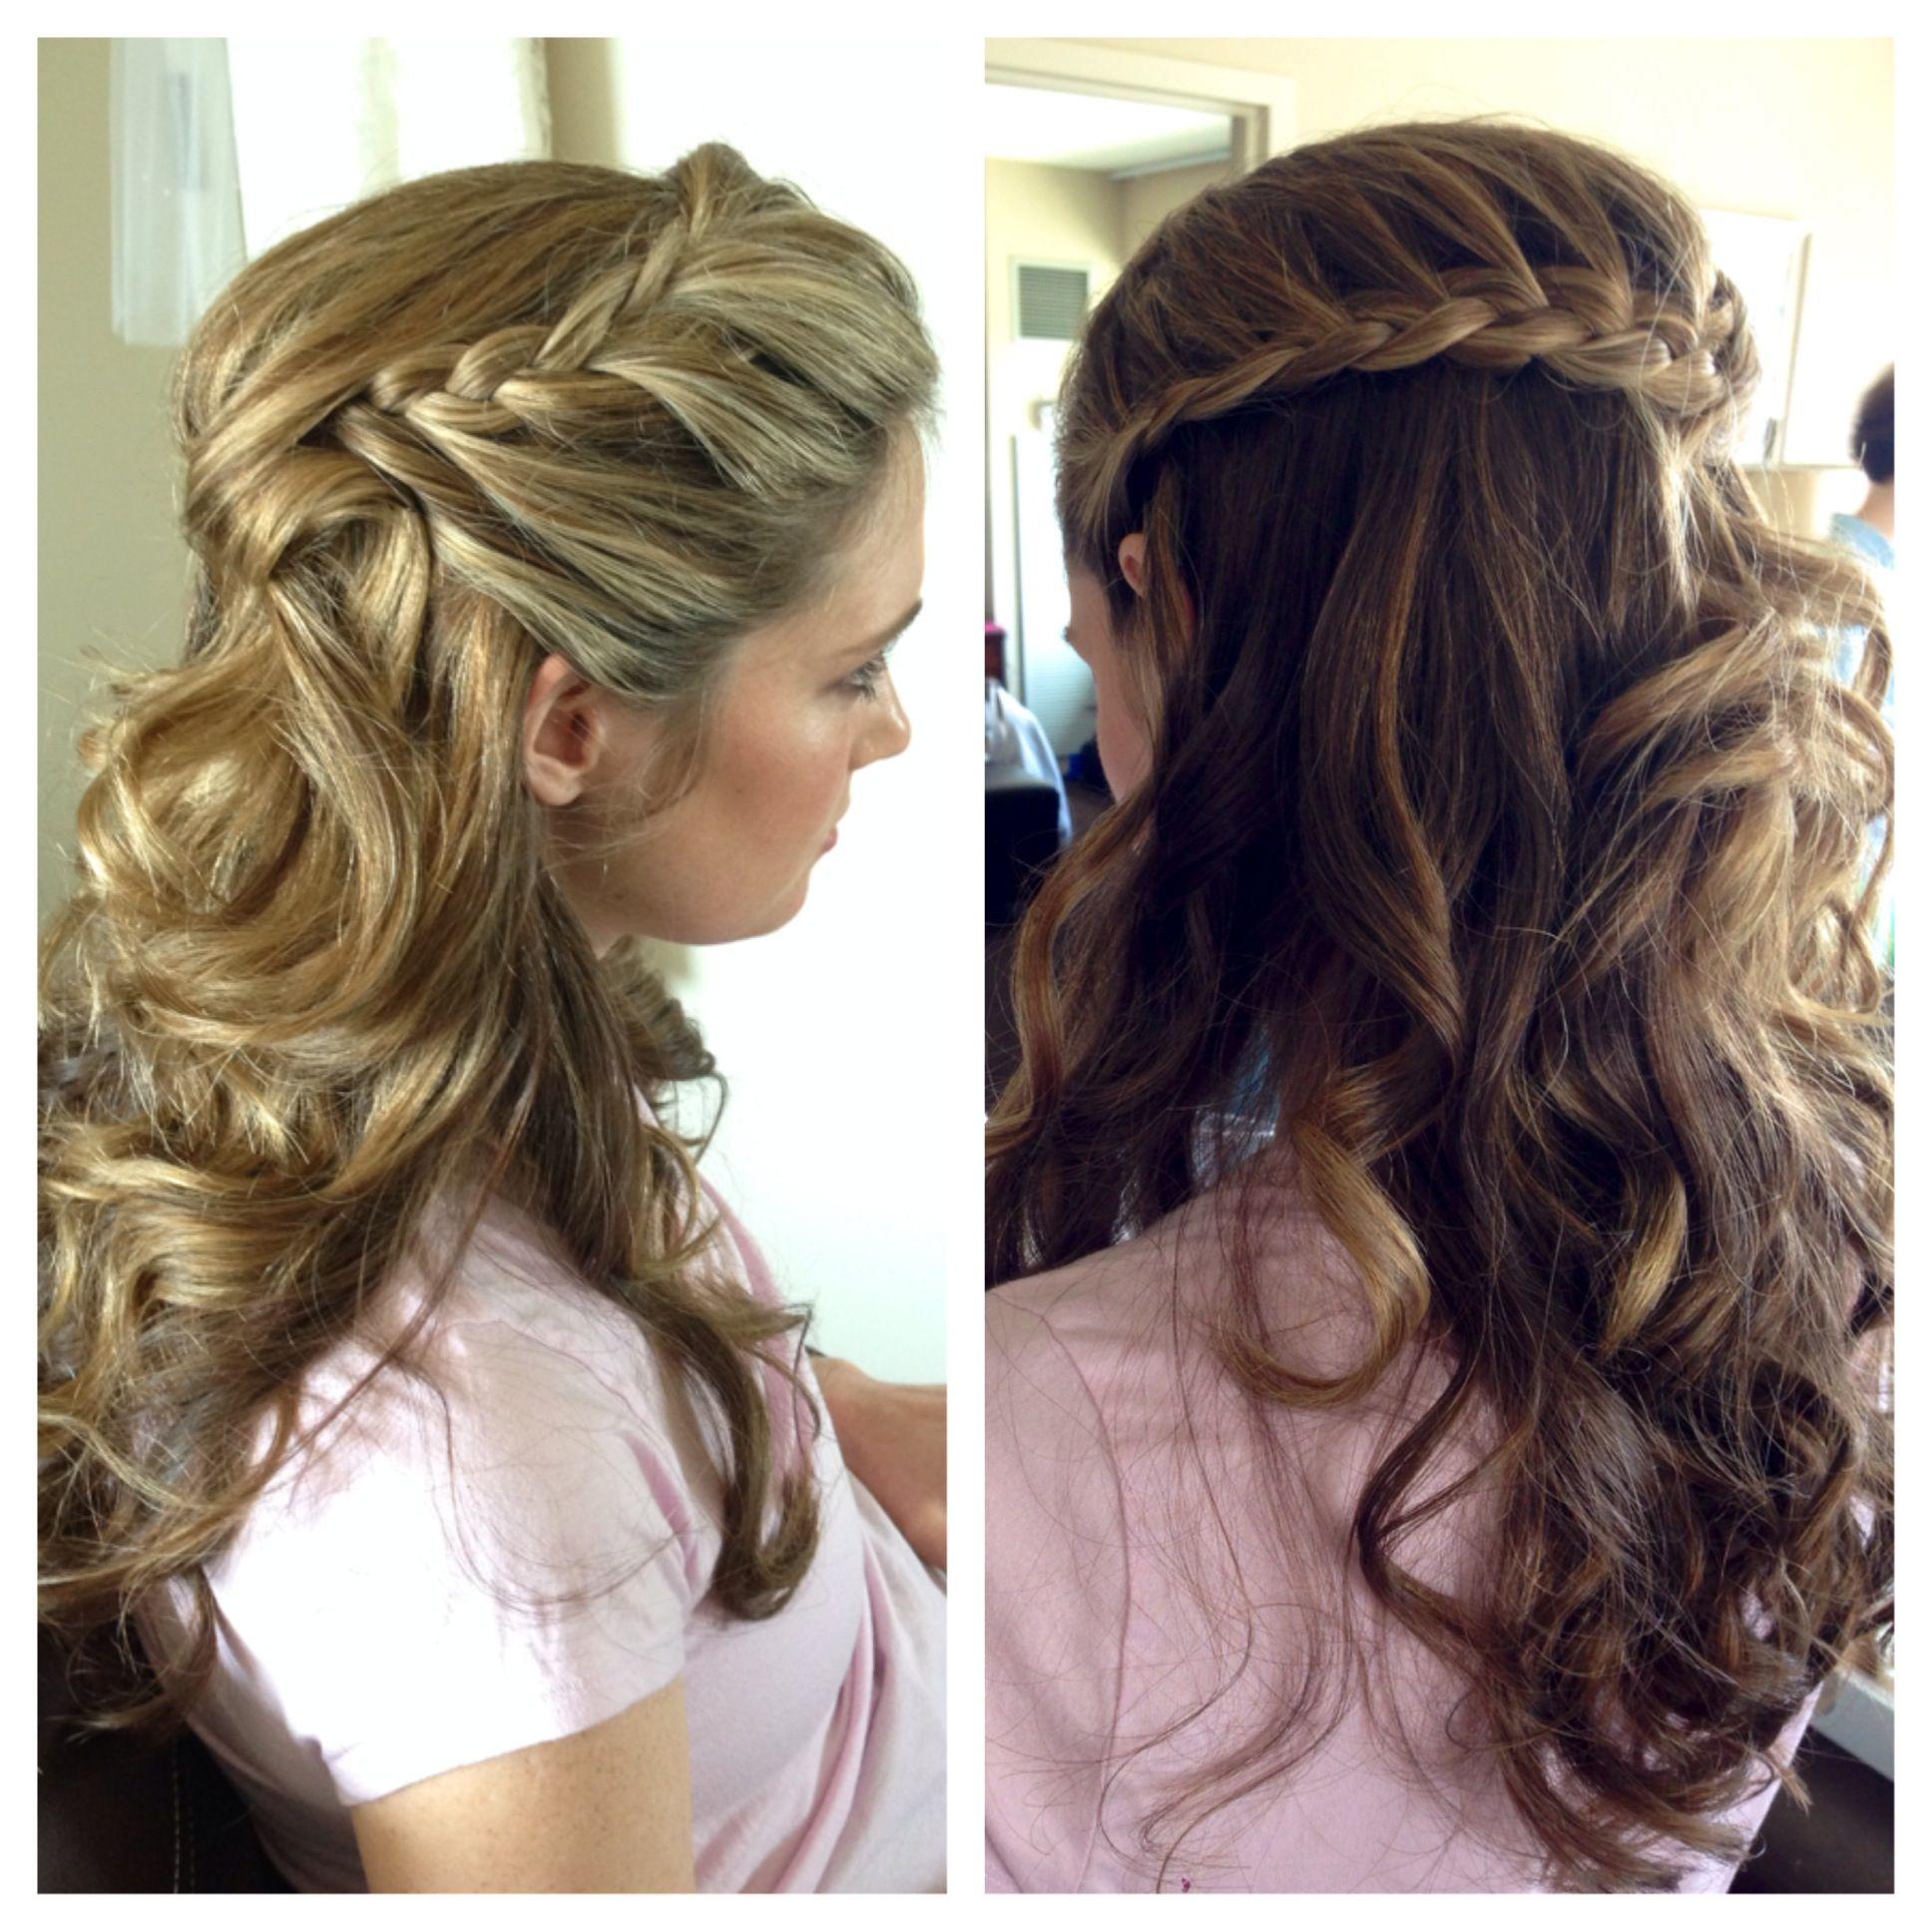 Wedding Hairstyles Down With Braids: Braids, Bridesmaids, Wedding Hair, Half Up Half Down Hair